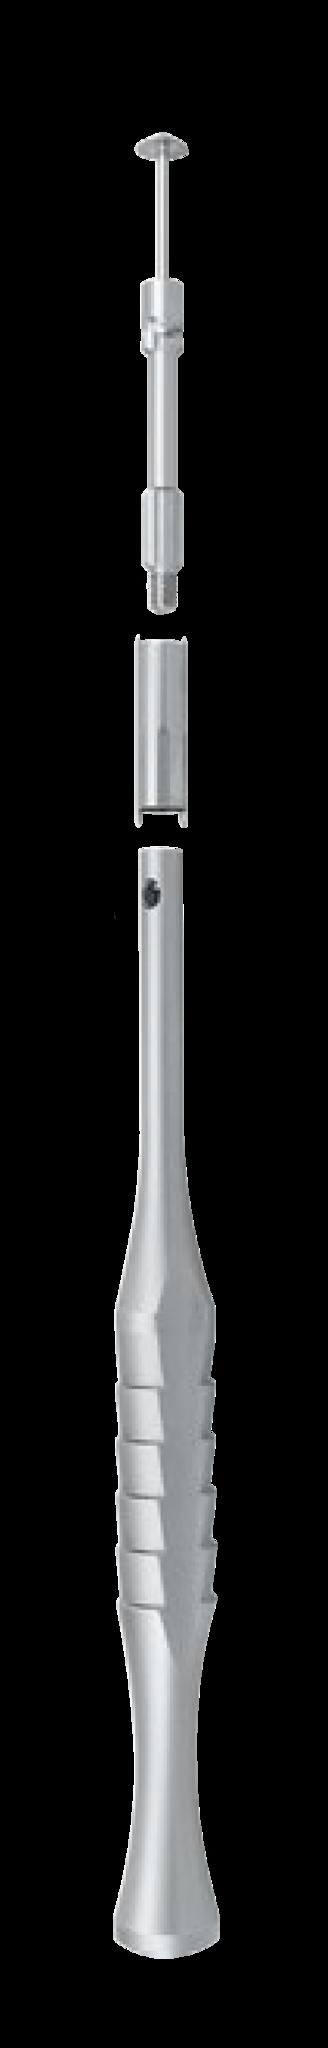 Bone-Scraper II dritto - 47.957.10